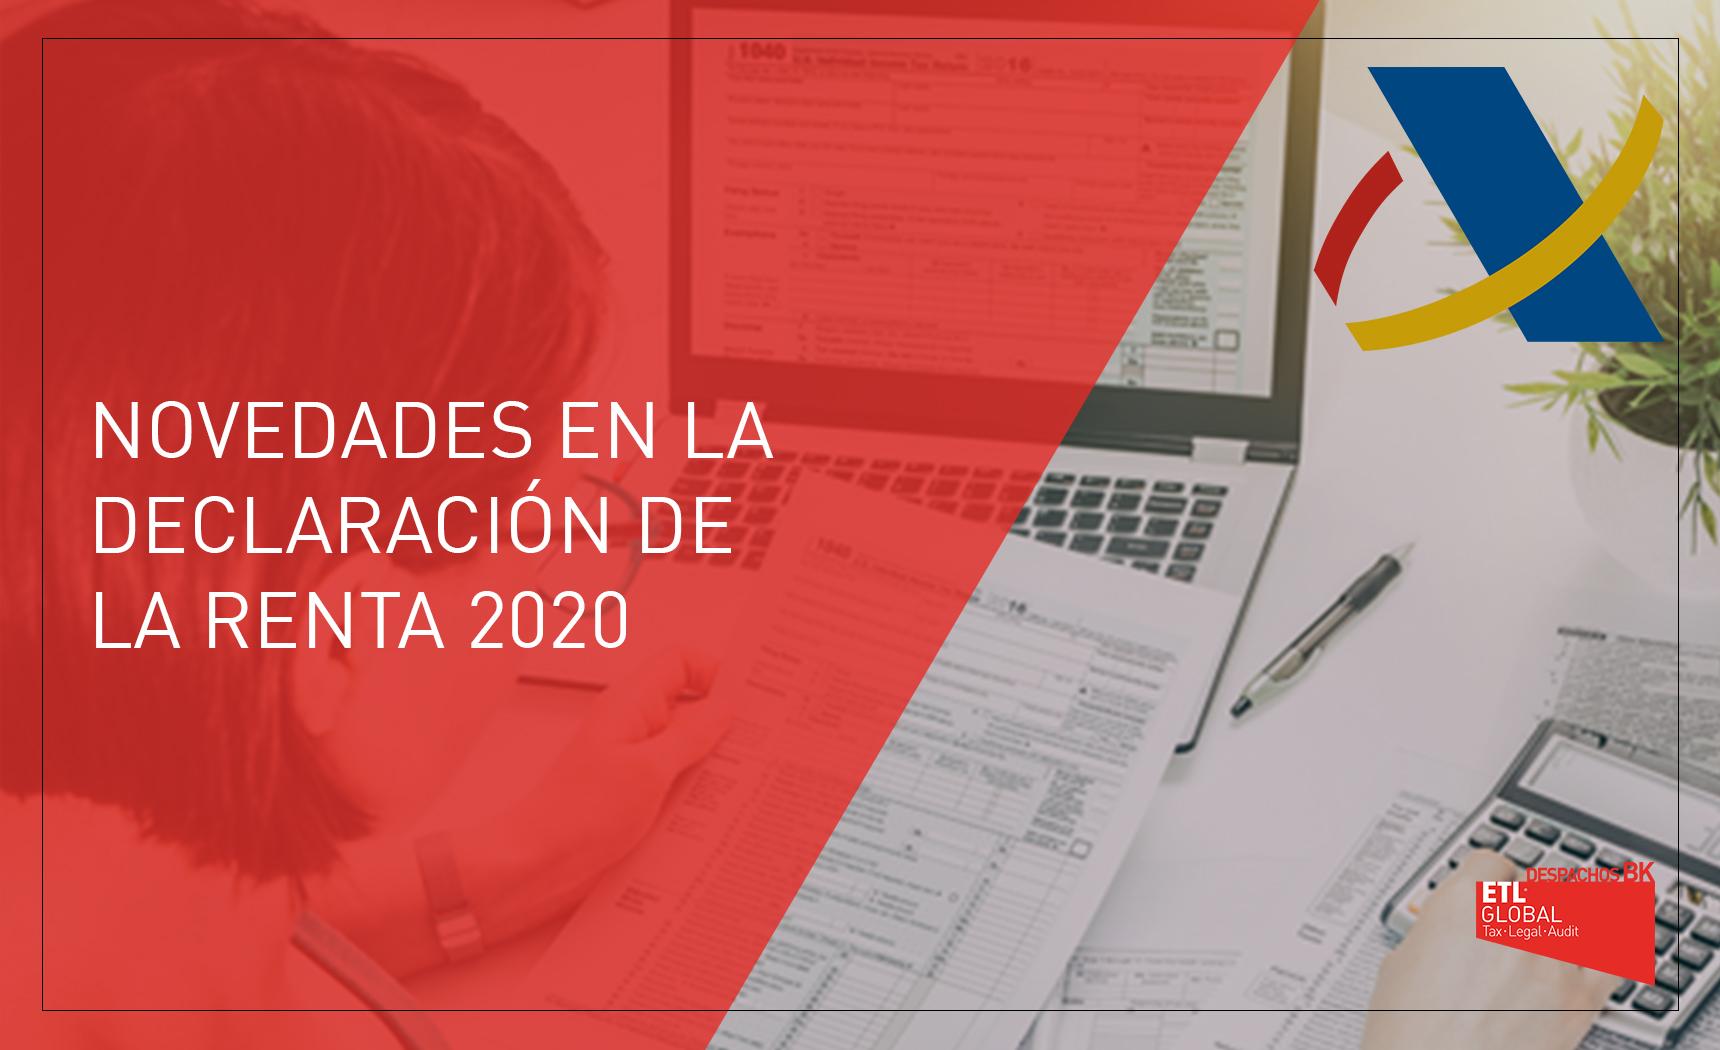 novedades declaración renta 2020 - despachos bk